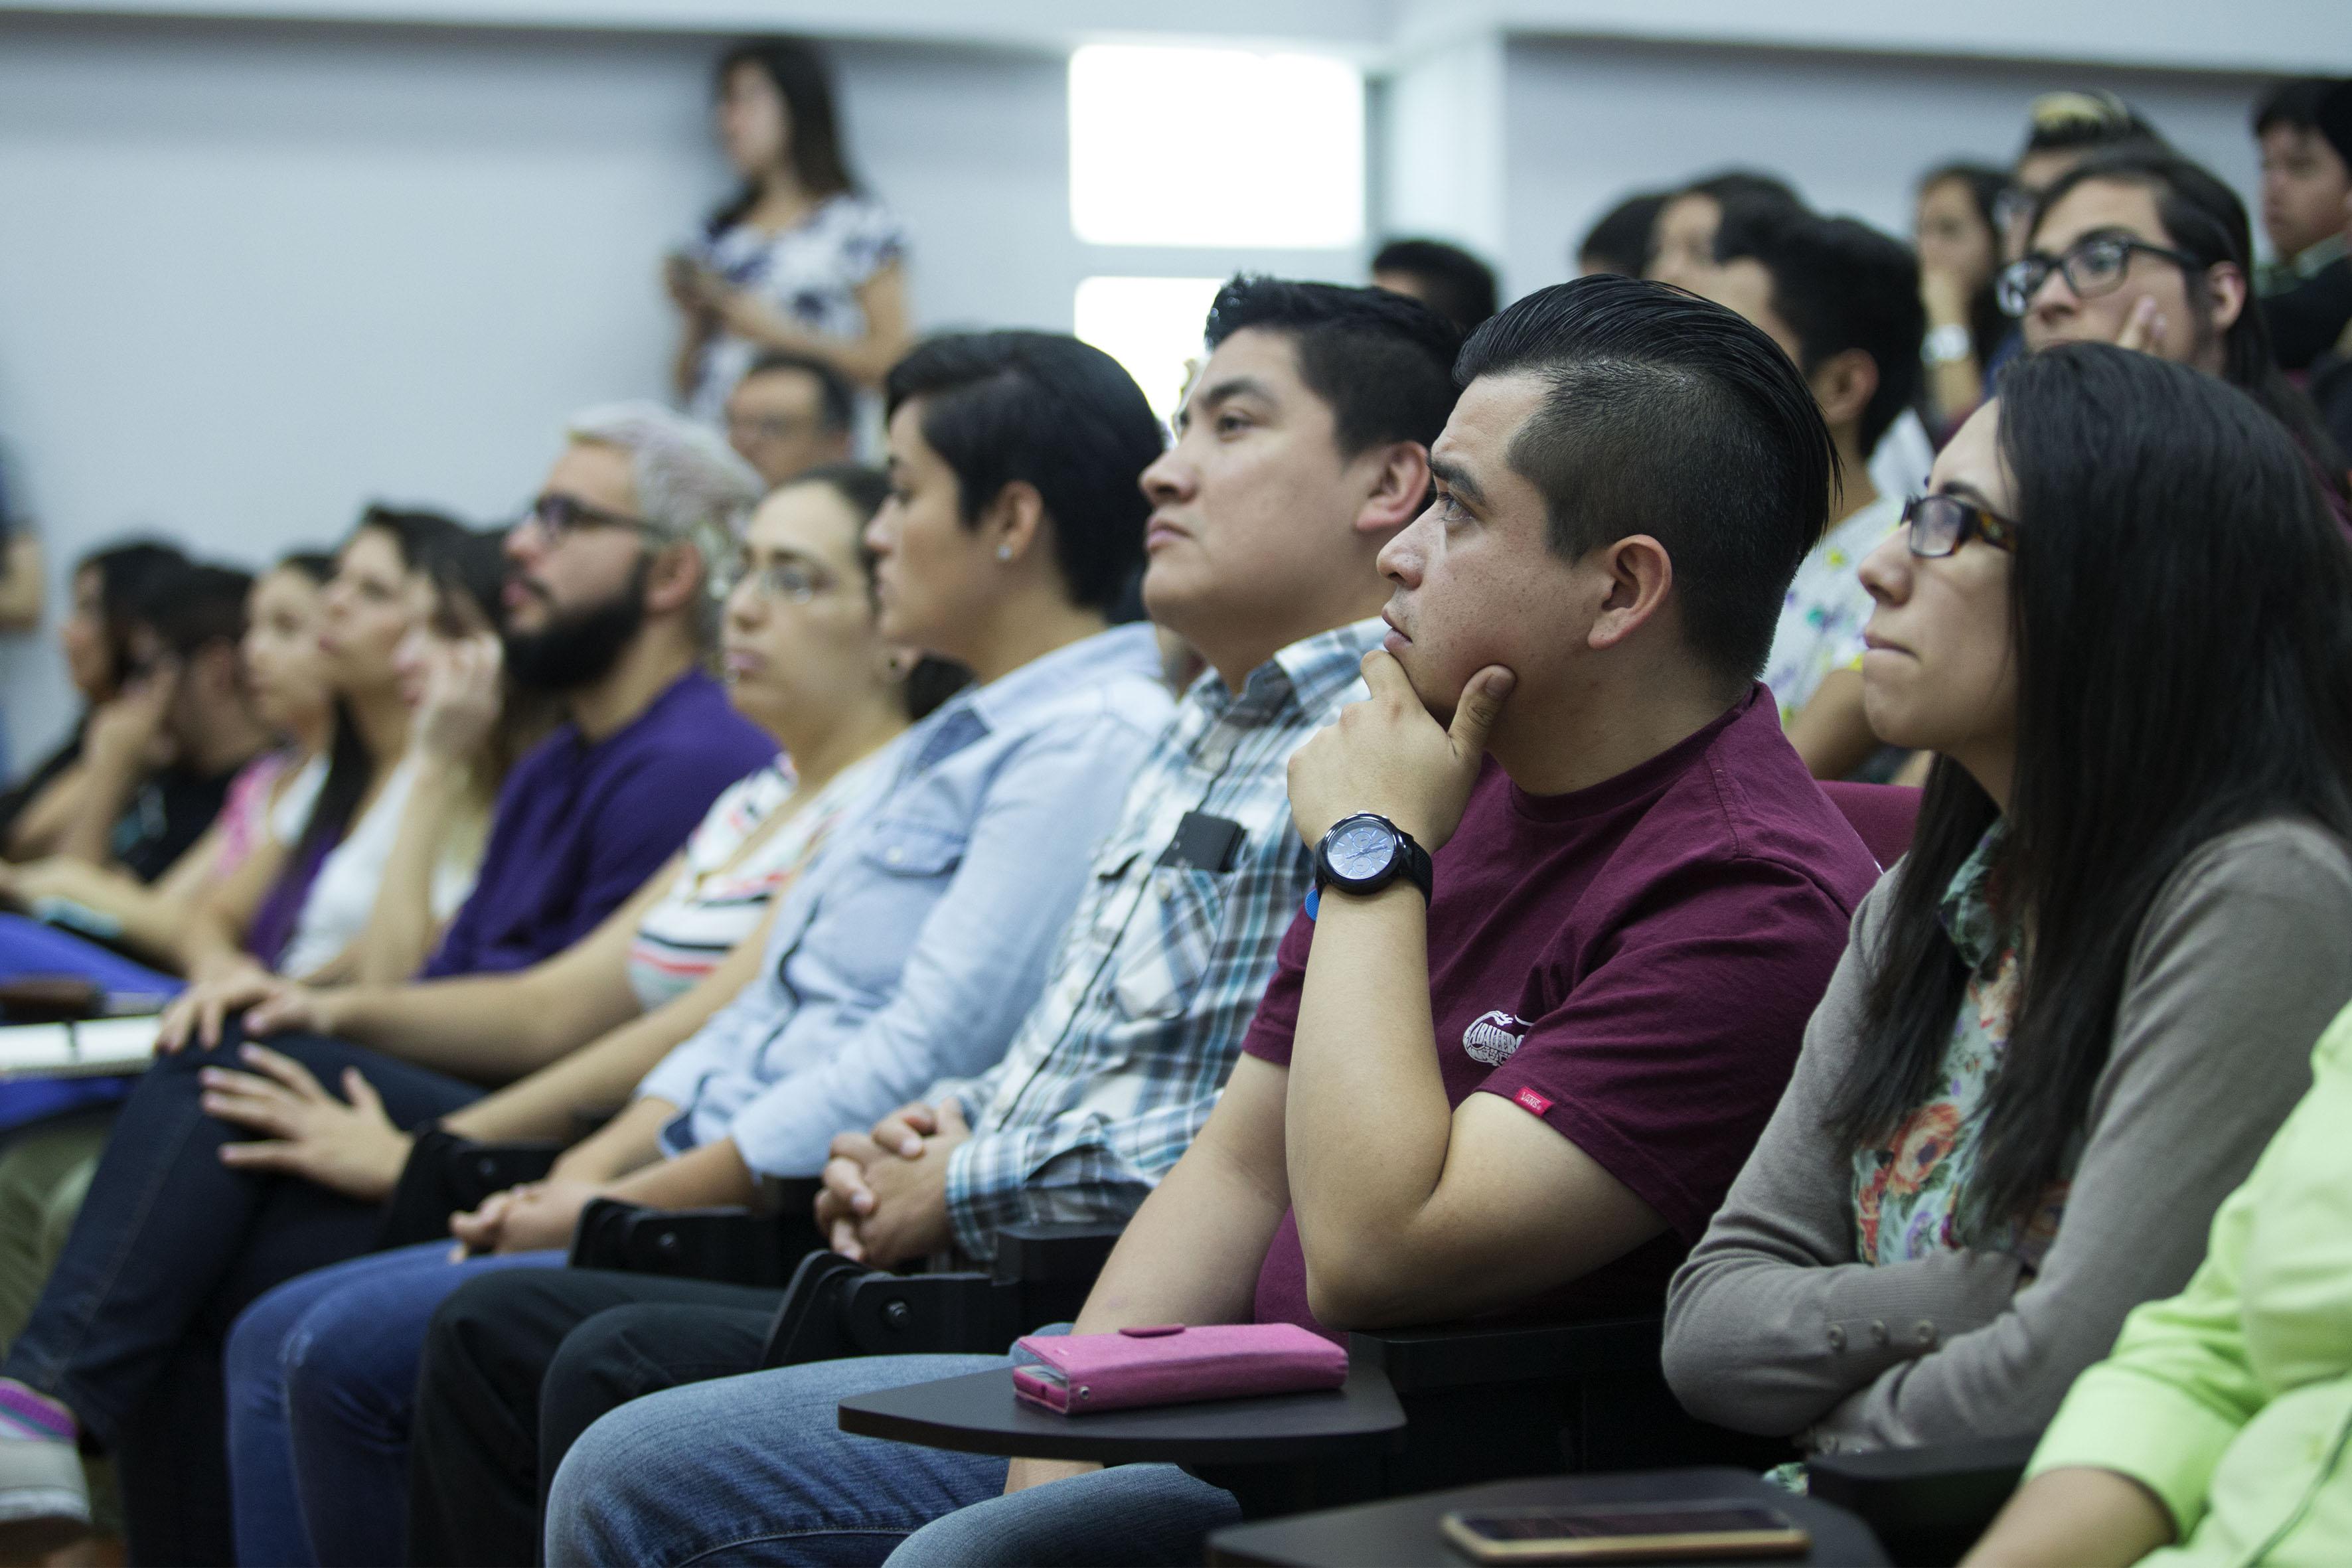 Estudiantes de la maestría en Ergonomía, participando en la charla del Académico de la Universidad Federal de Pernambuco, en Brasil, doctor Marcelo Márcio Soares